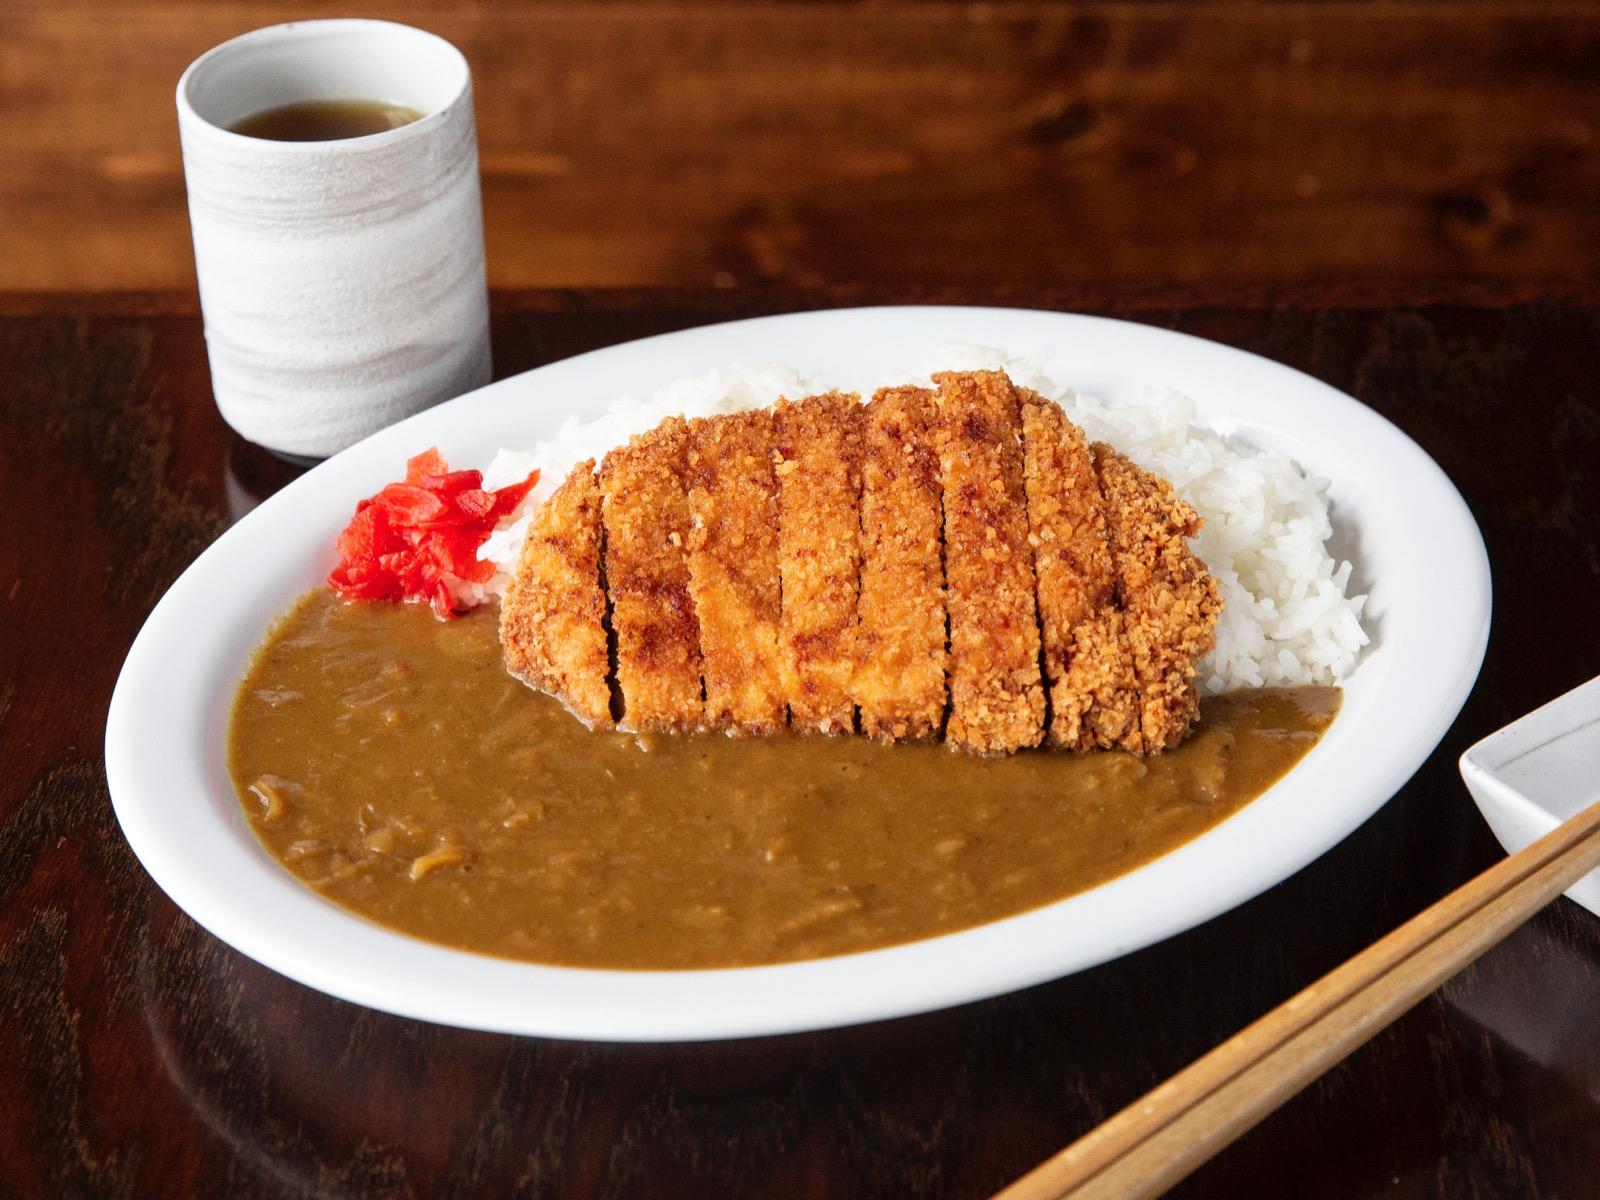 Katsu curry at Izakaya Roku